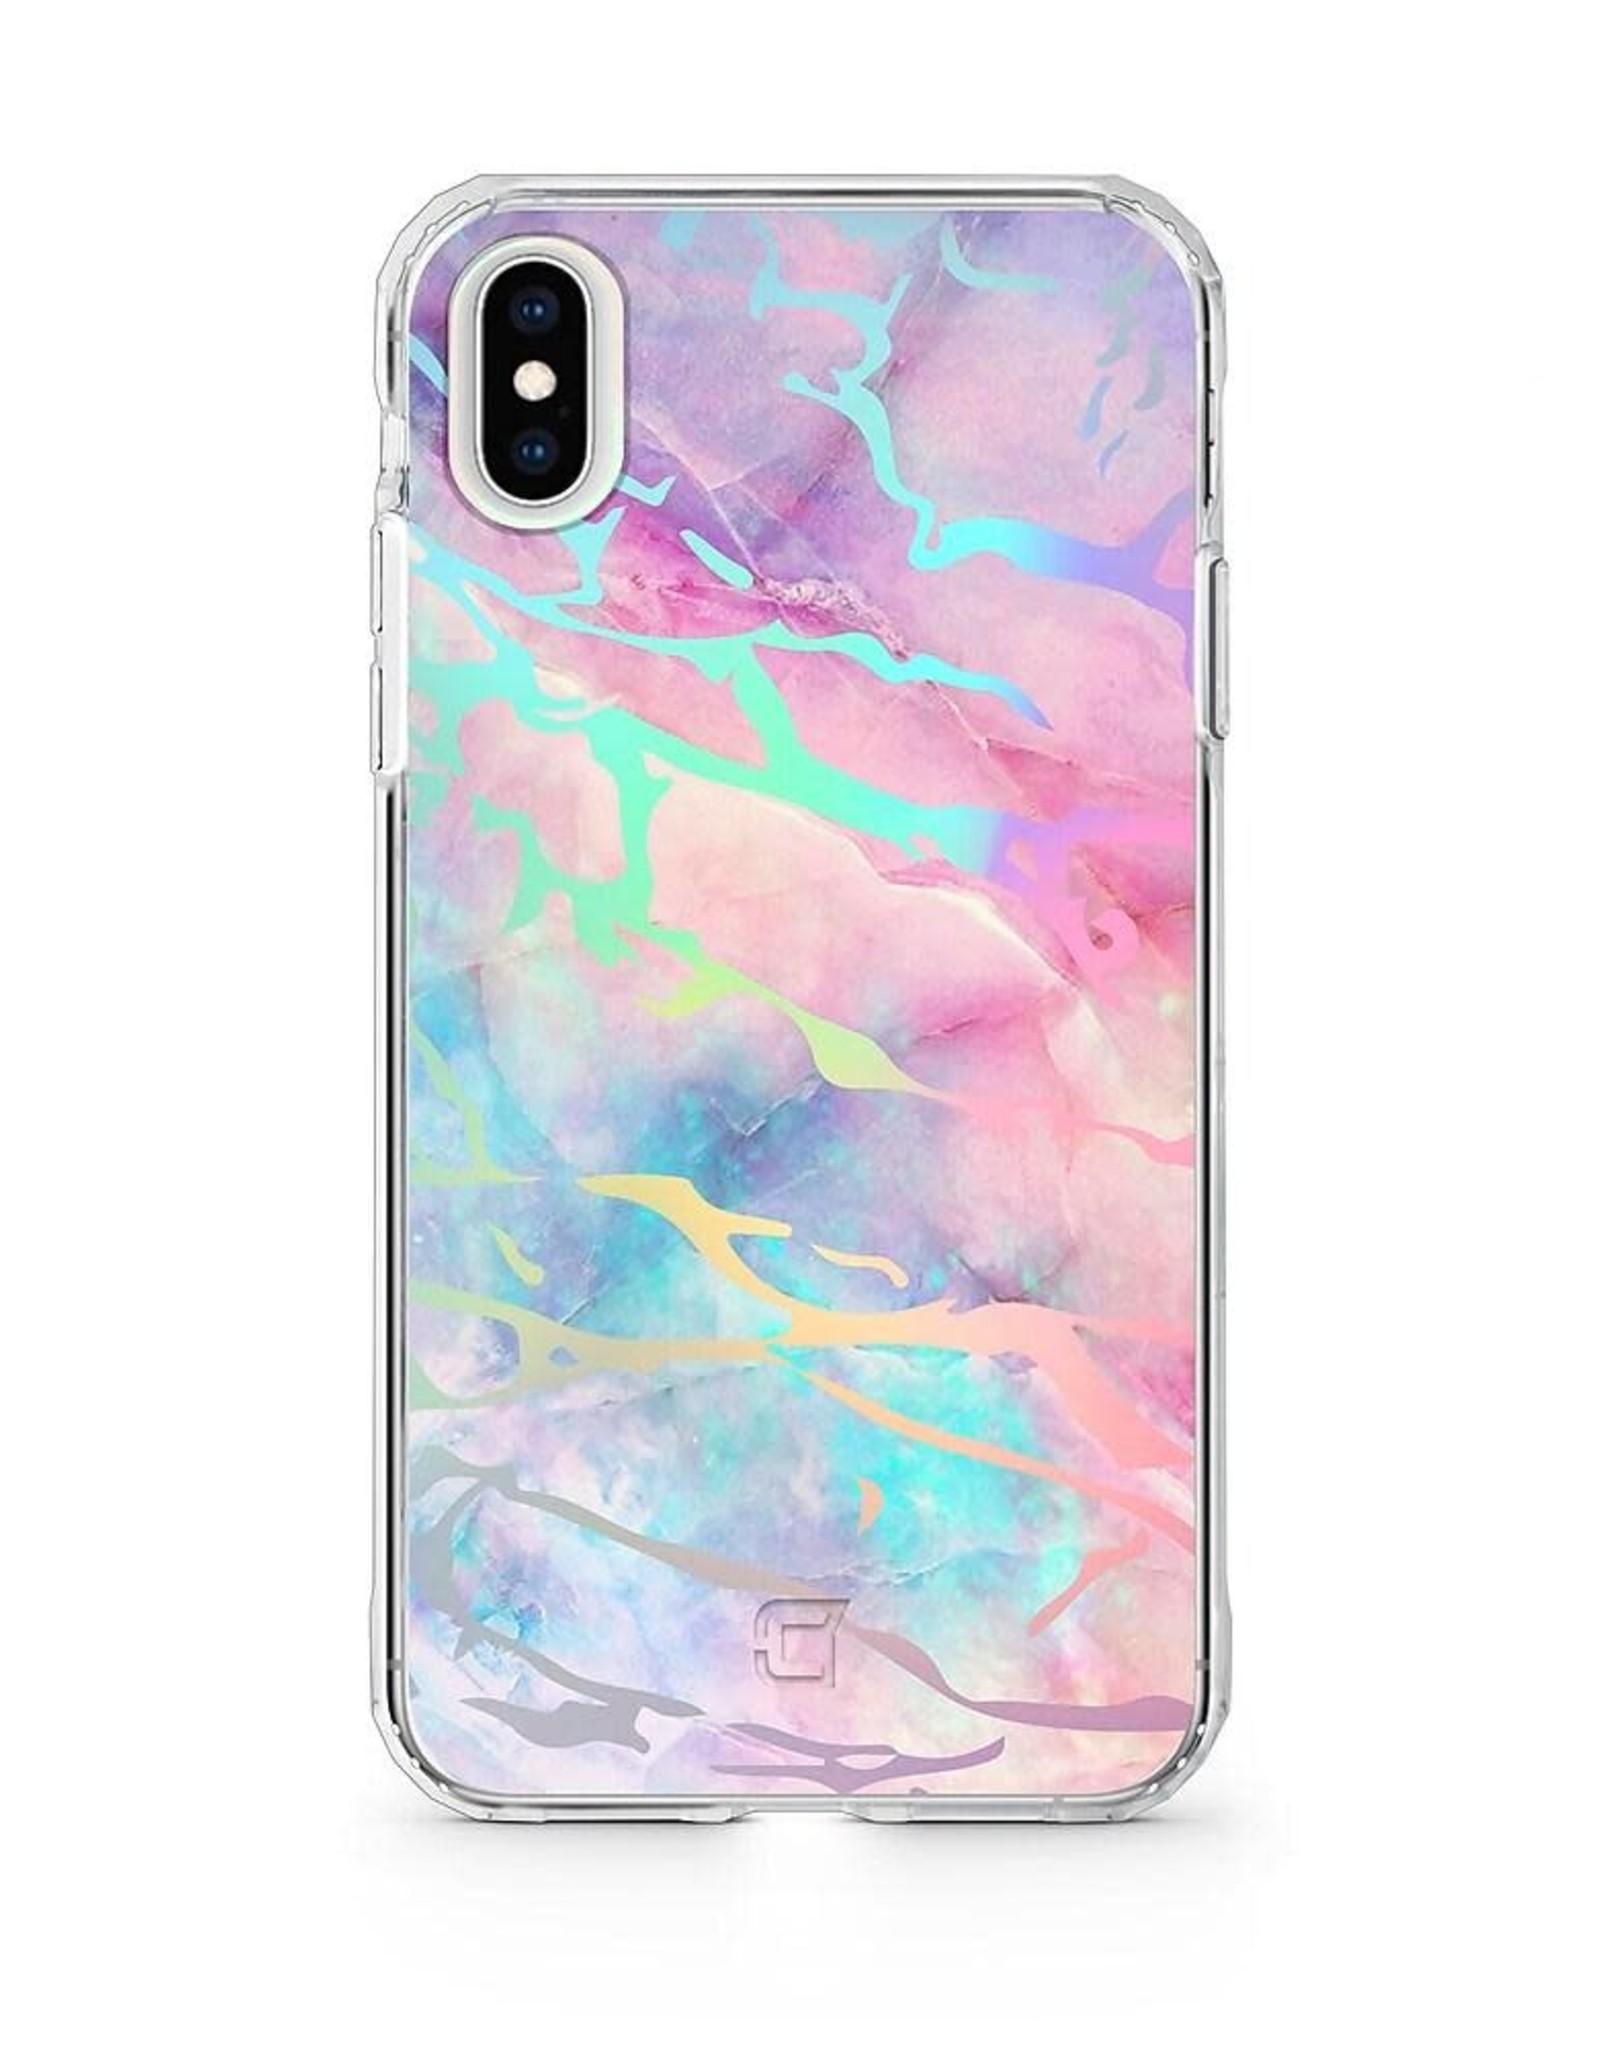 Caseco Caseco   Holographic Fremont Marble Tough Case - iPhone SE (2020)/8/7/6S/6 Unicorn C2608-55